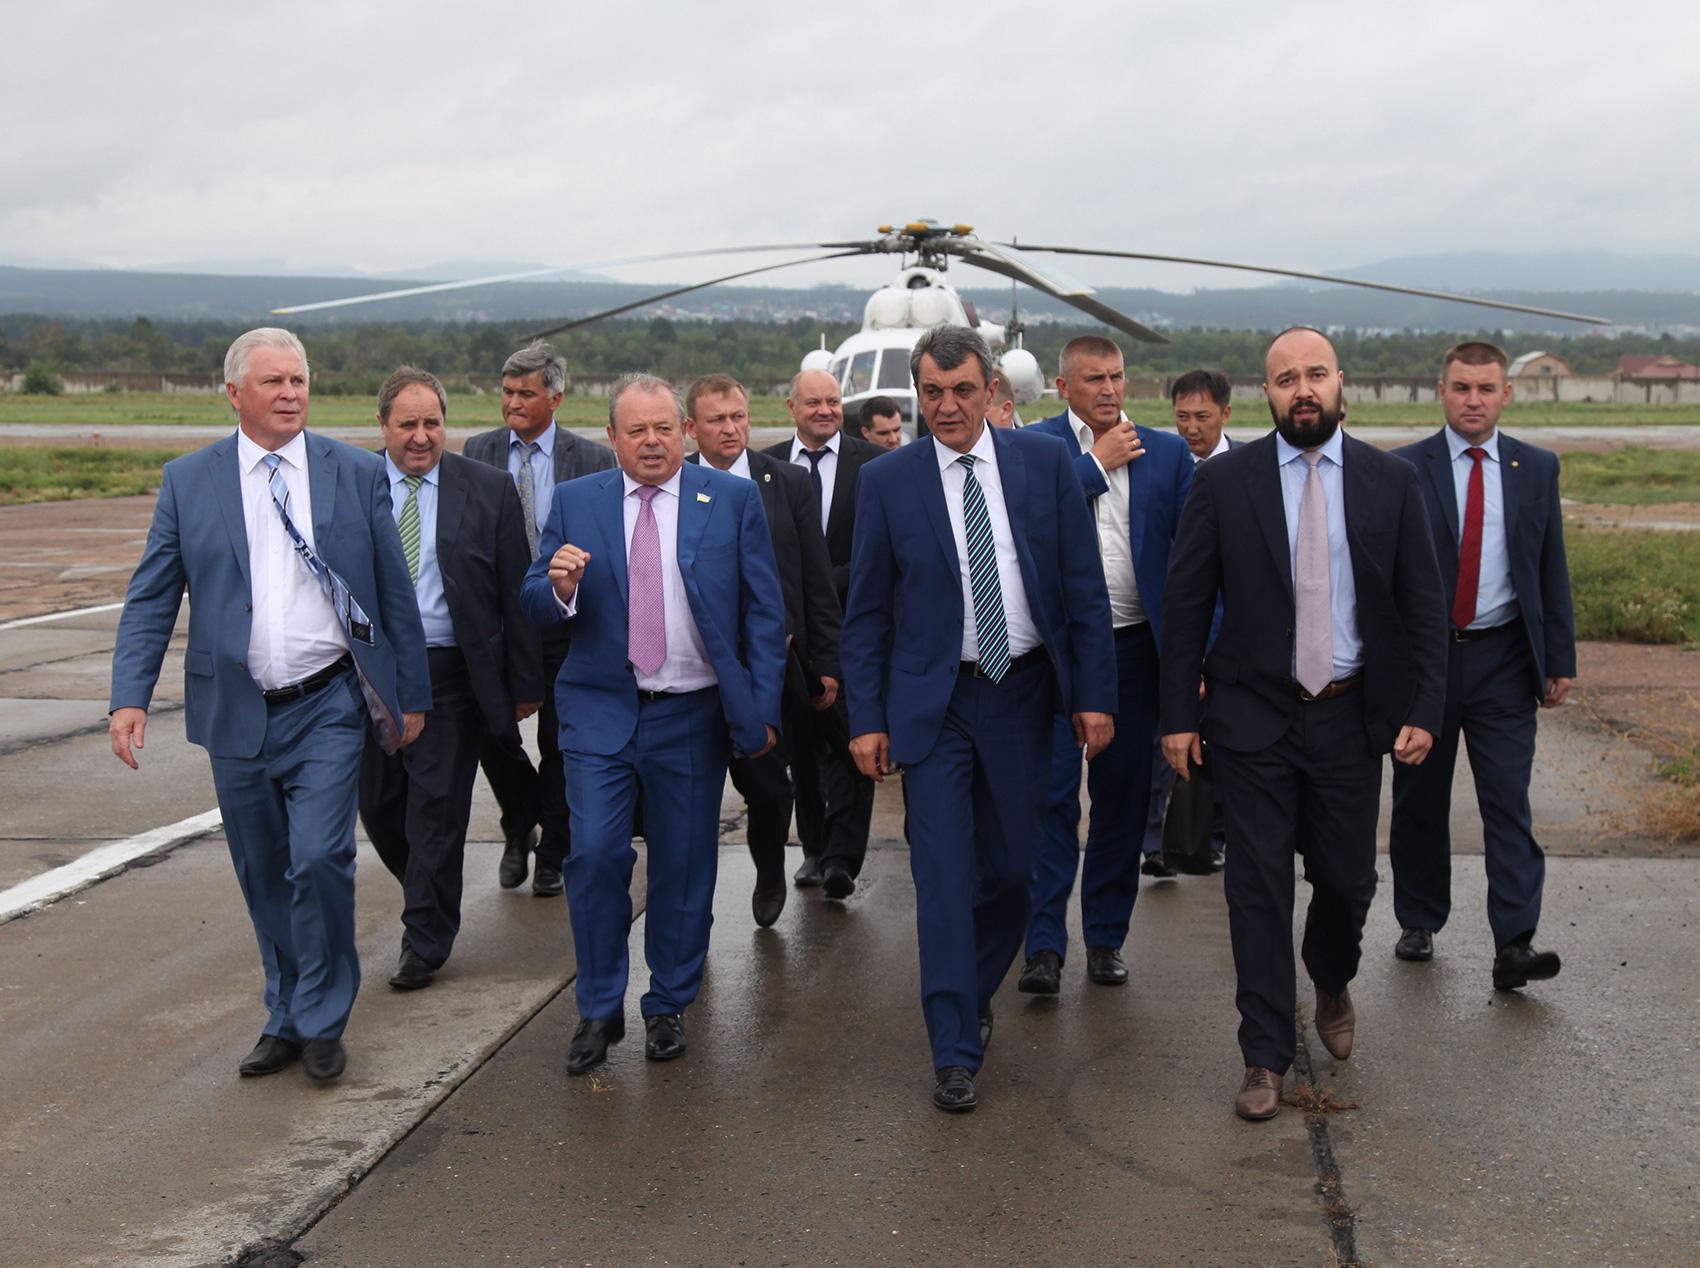 Полномочный представитель президента России в Сибирском федеральном округе Сергей Меняйло на Улан-Удэнском авиационном заводе (У-УАЗ).